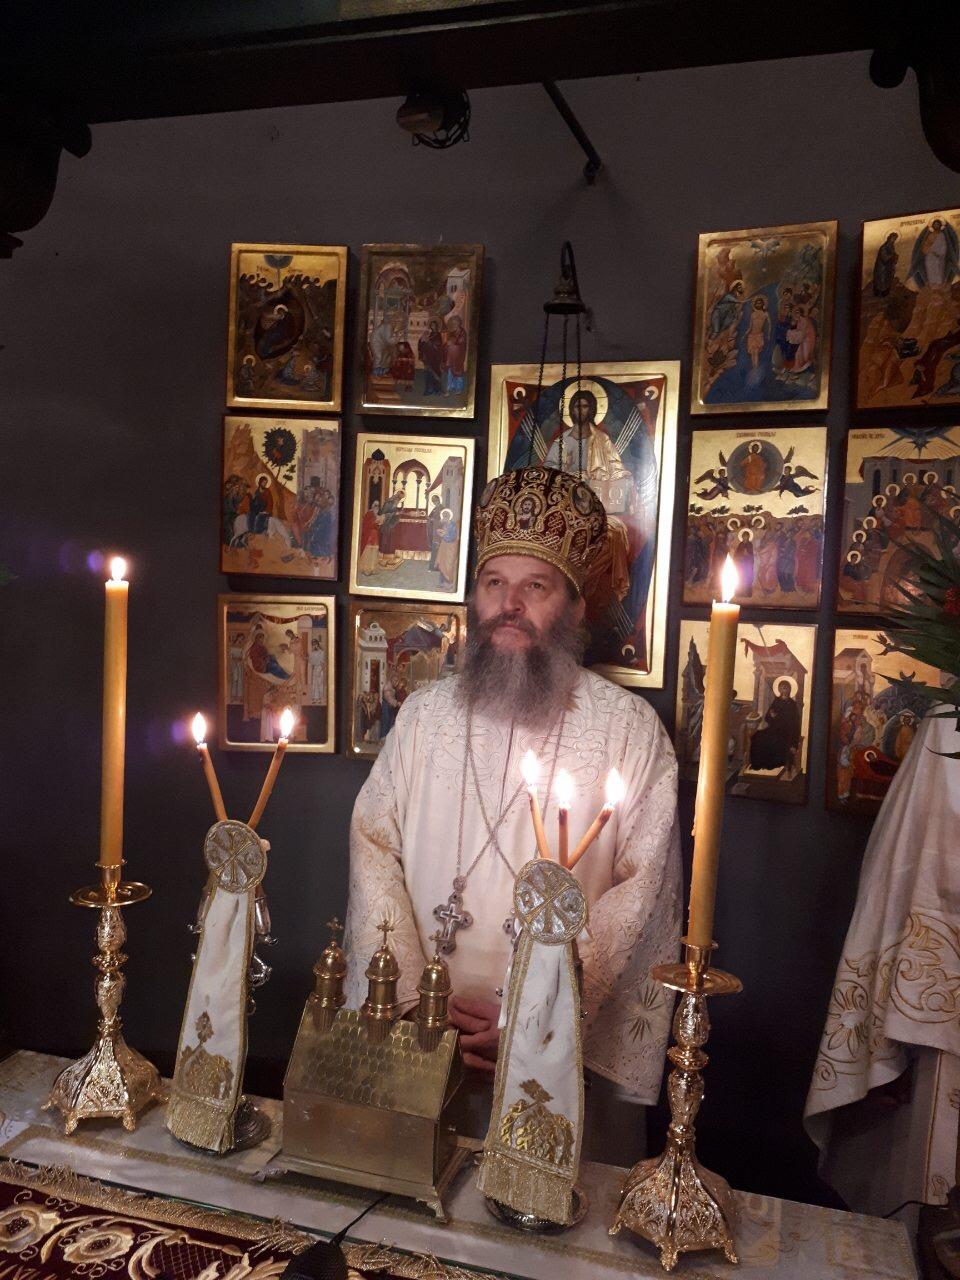 Пет година од Устоличења првог Епископа аустријско-швајцарског